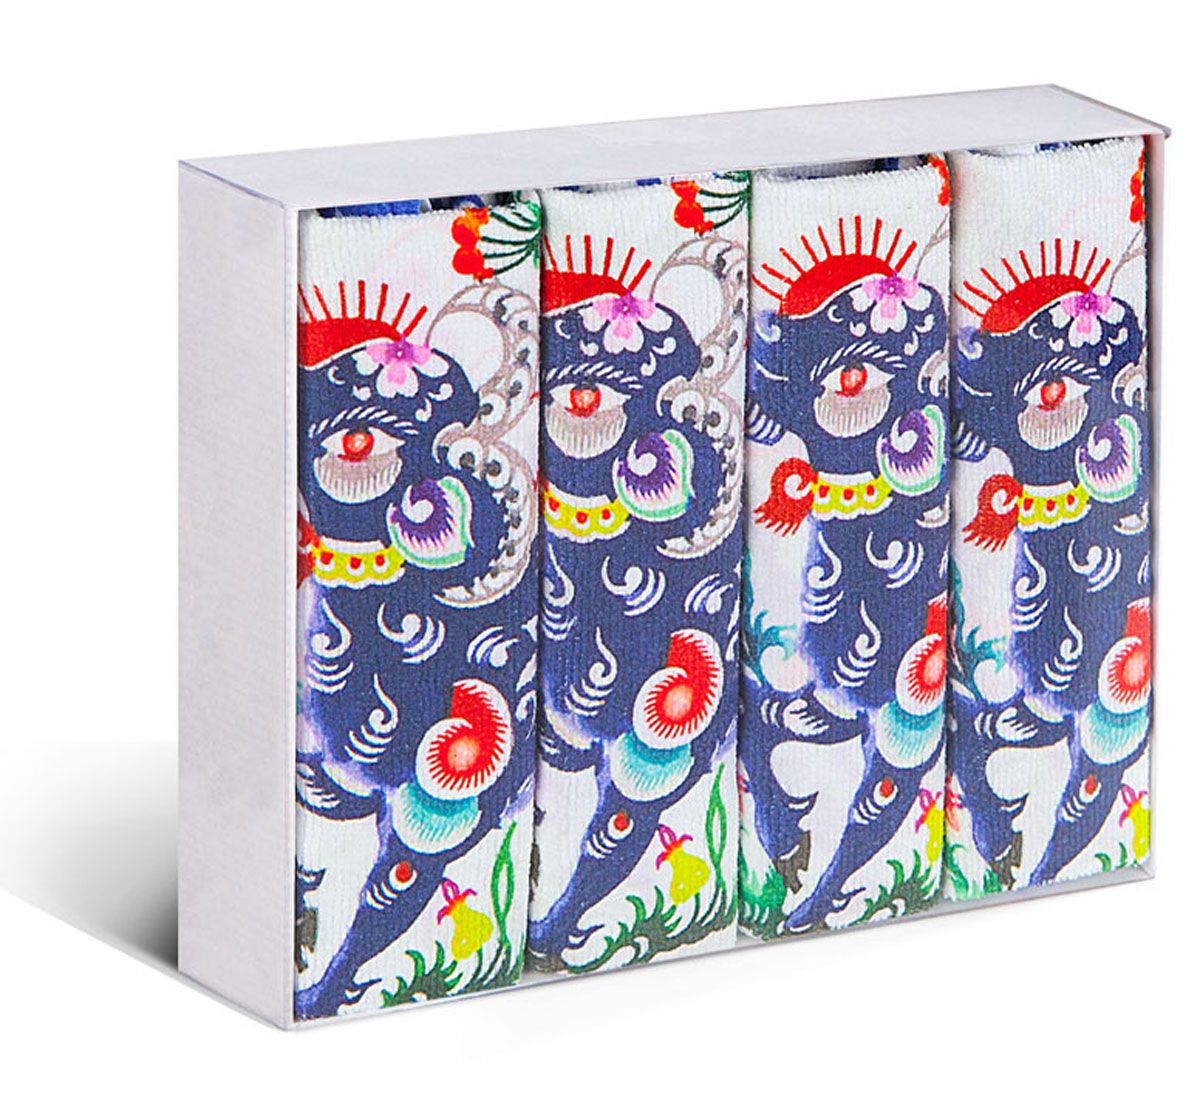 Набор кухонных полотенец Soavita, цвет: синий, белый, 38 х 64 см, 4 шт78931Набор Soavita состоит из 4 вафельных полотенец. Изделия выполнены из микрофибры и оформлены яркими, оригинальными вышивками. Полотенца используются для протирки различных поверхностей, также широко применяются в быту.Такой набор станет отличным вариантом для практичной и современной хозяйки.Перед использованием постирать при температуре не выше 40 градусов.